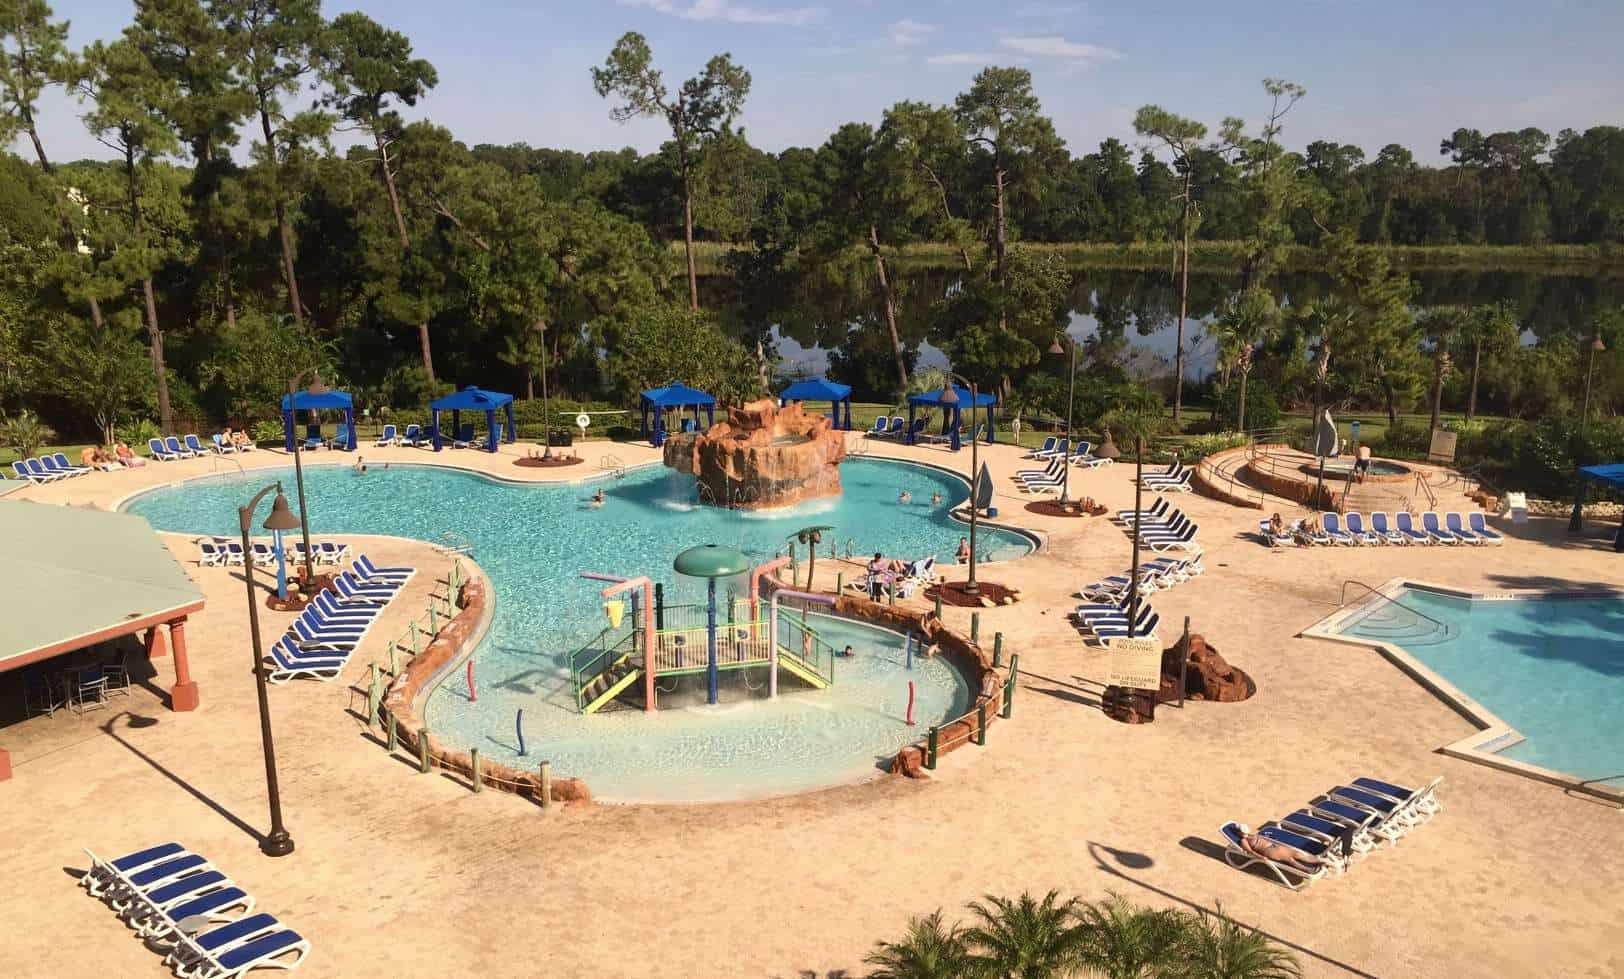 Take a dip in the wonderful Wyndham Lake Buena Vista pool.